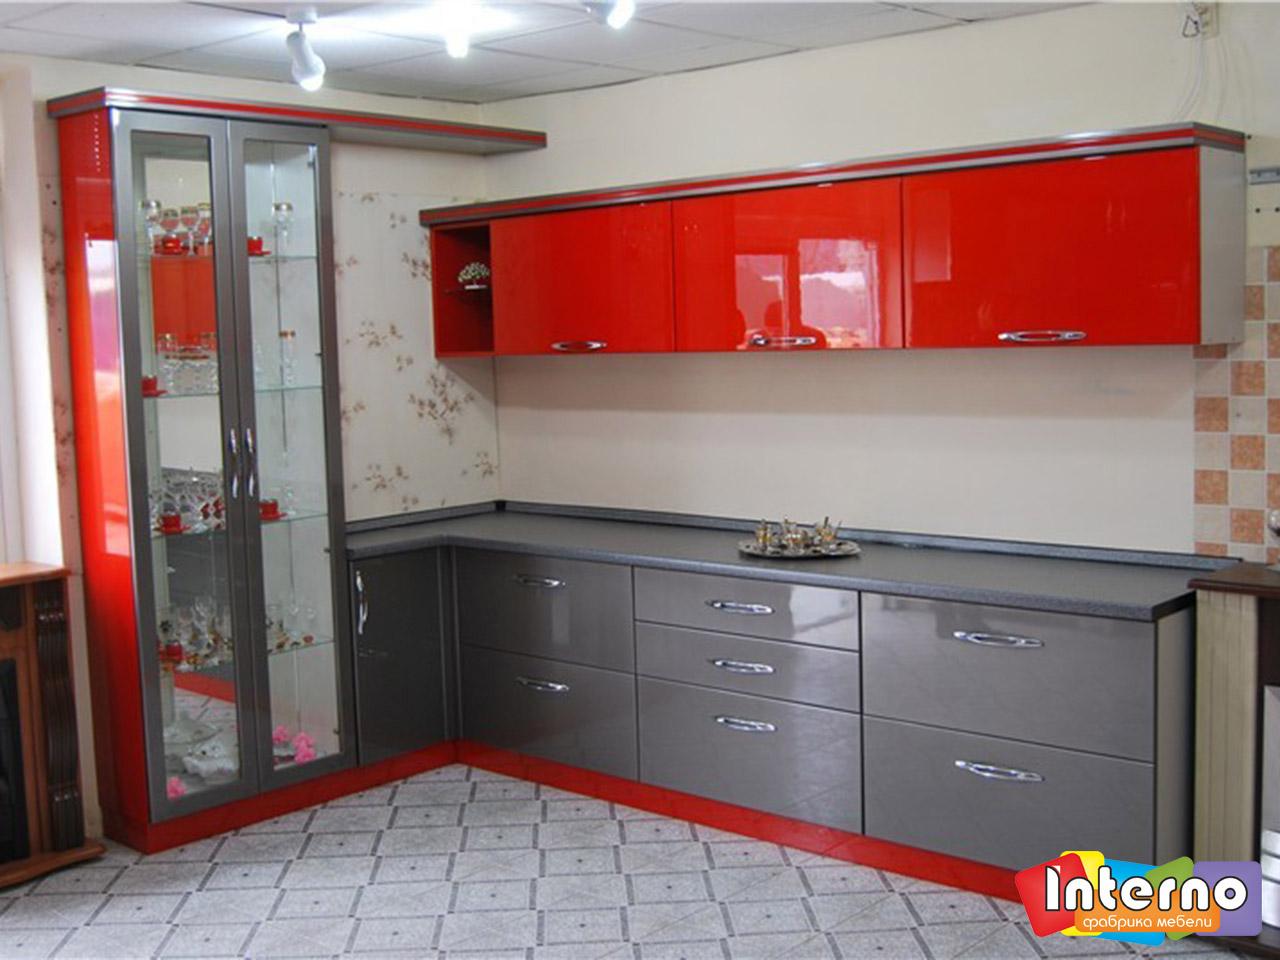 909.md - доска объявлений молдовы мебель и интерьер - мебель.